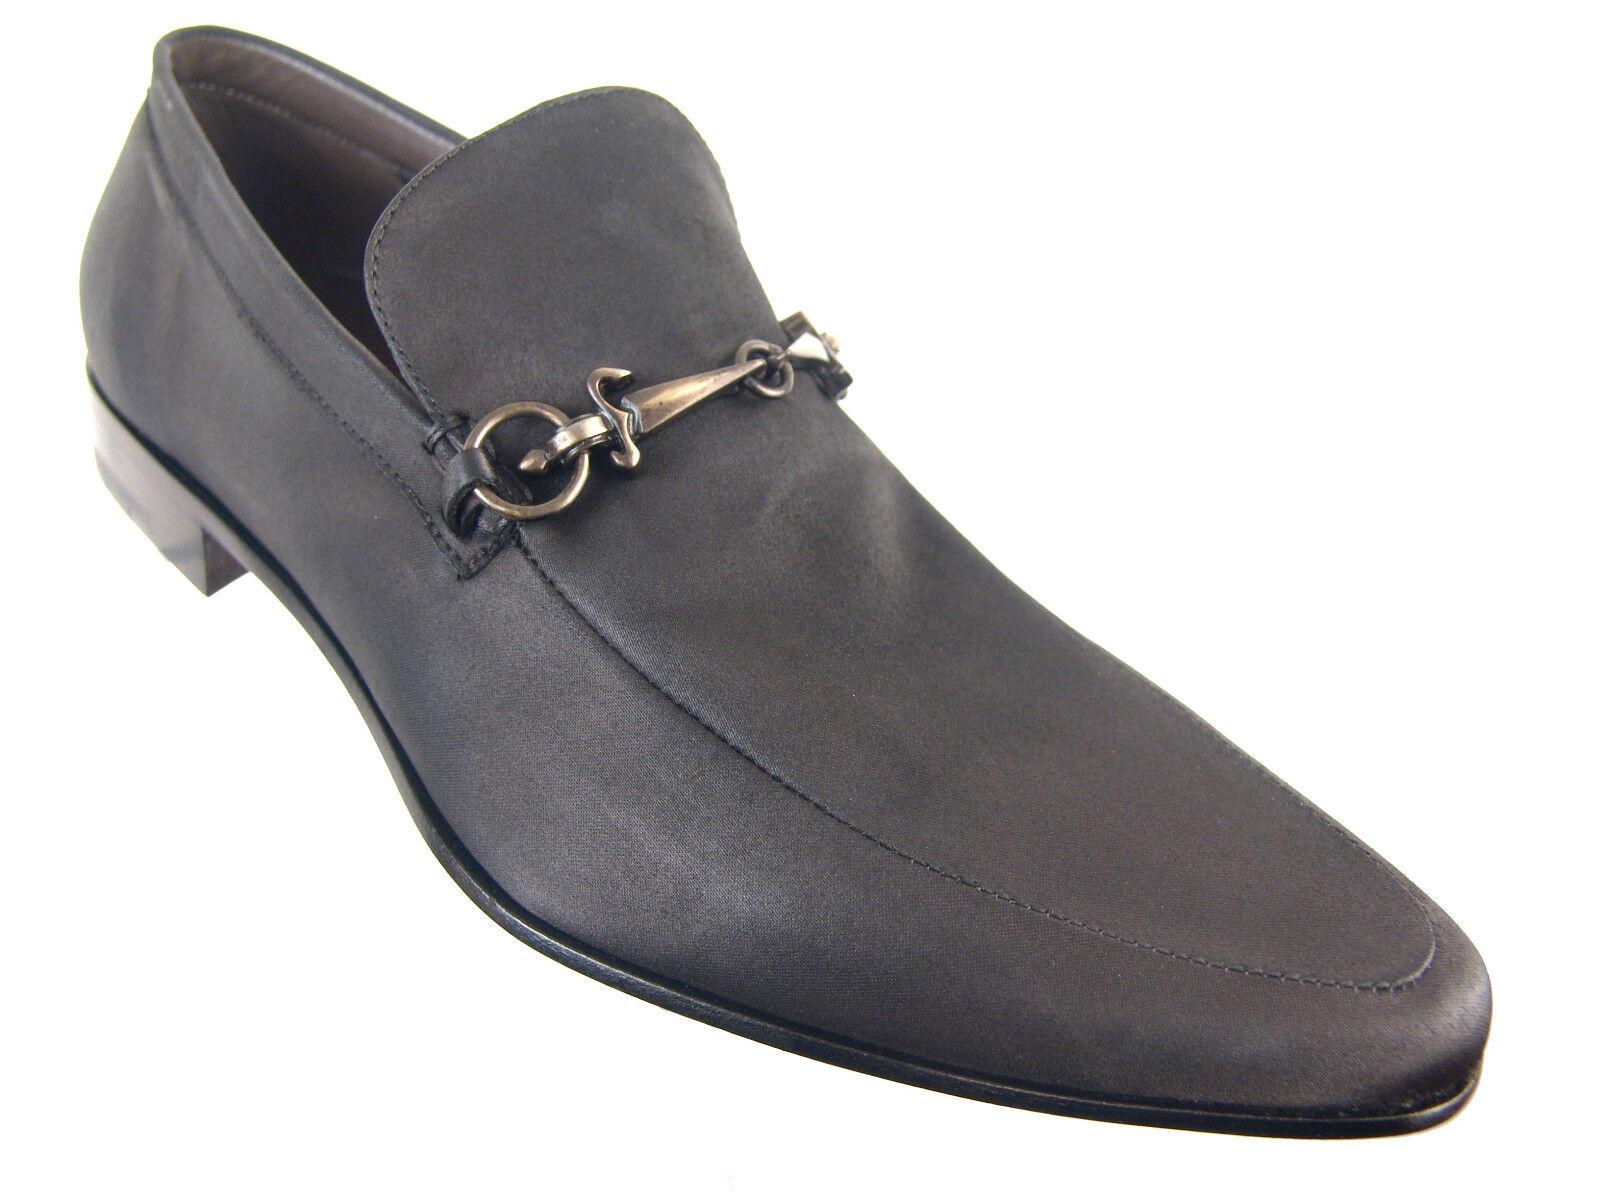 780 Cesare Paciotti US 7.5 Daggered Fancy Satin Loafers Italian Designer Scarpe